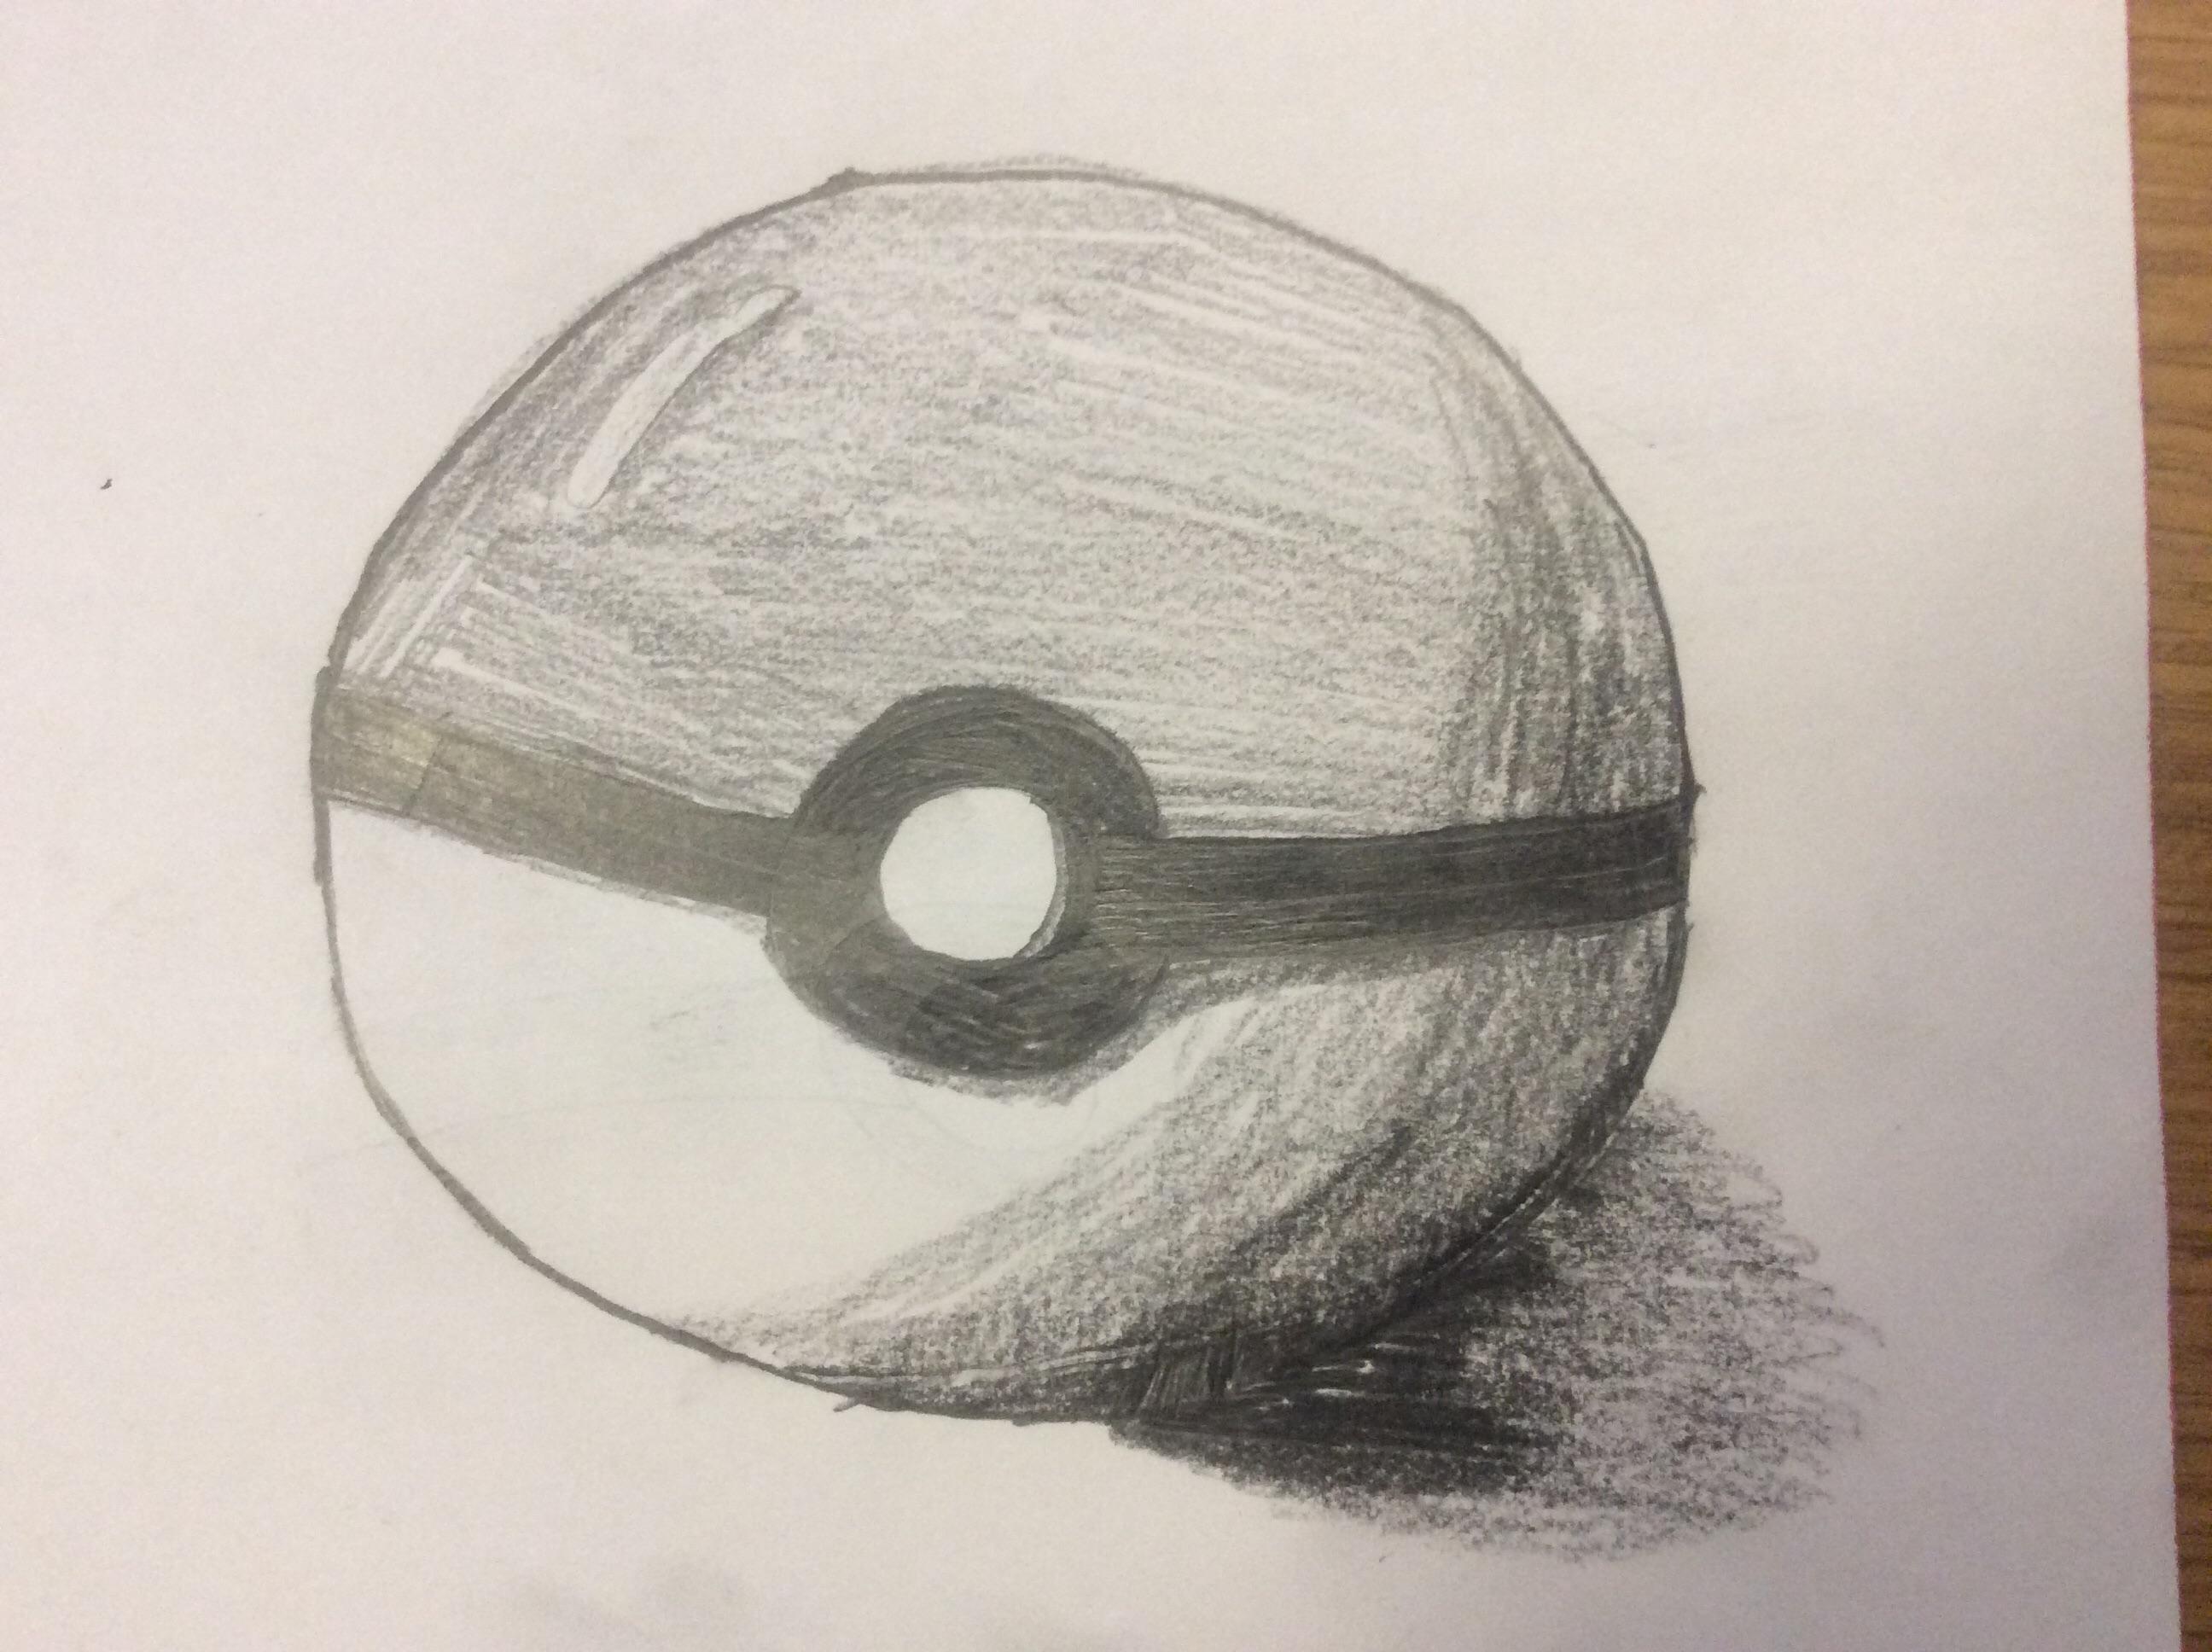 Drawn pokeball shaded : Pokeball October SketchDaily Friday